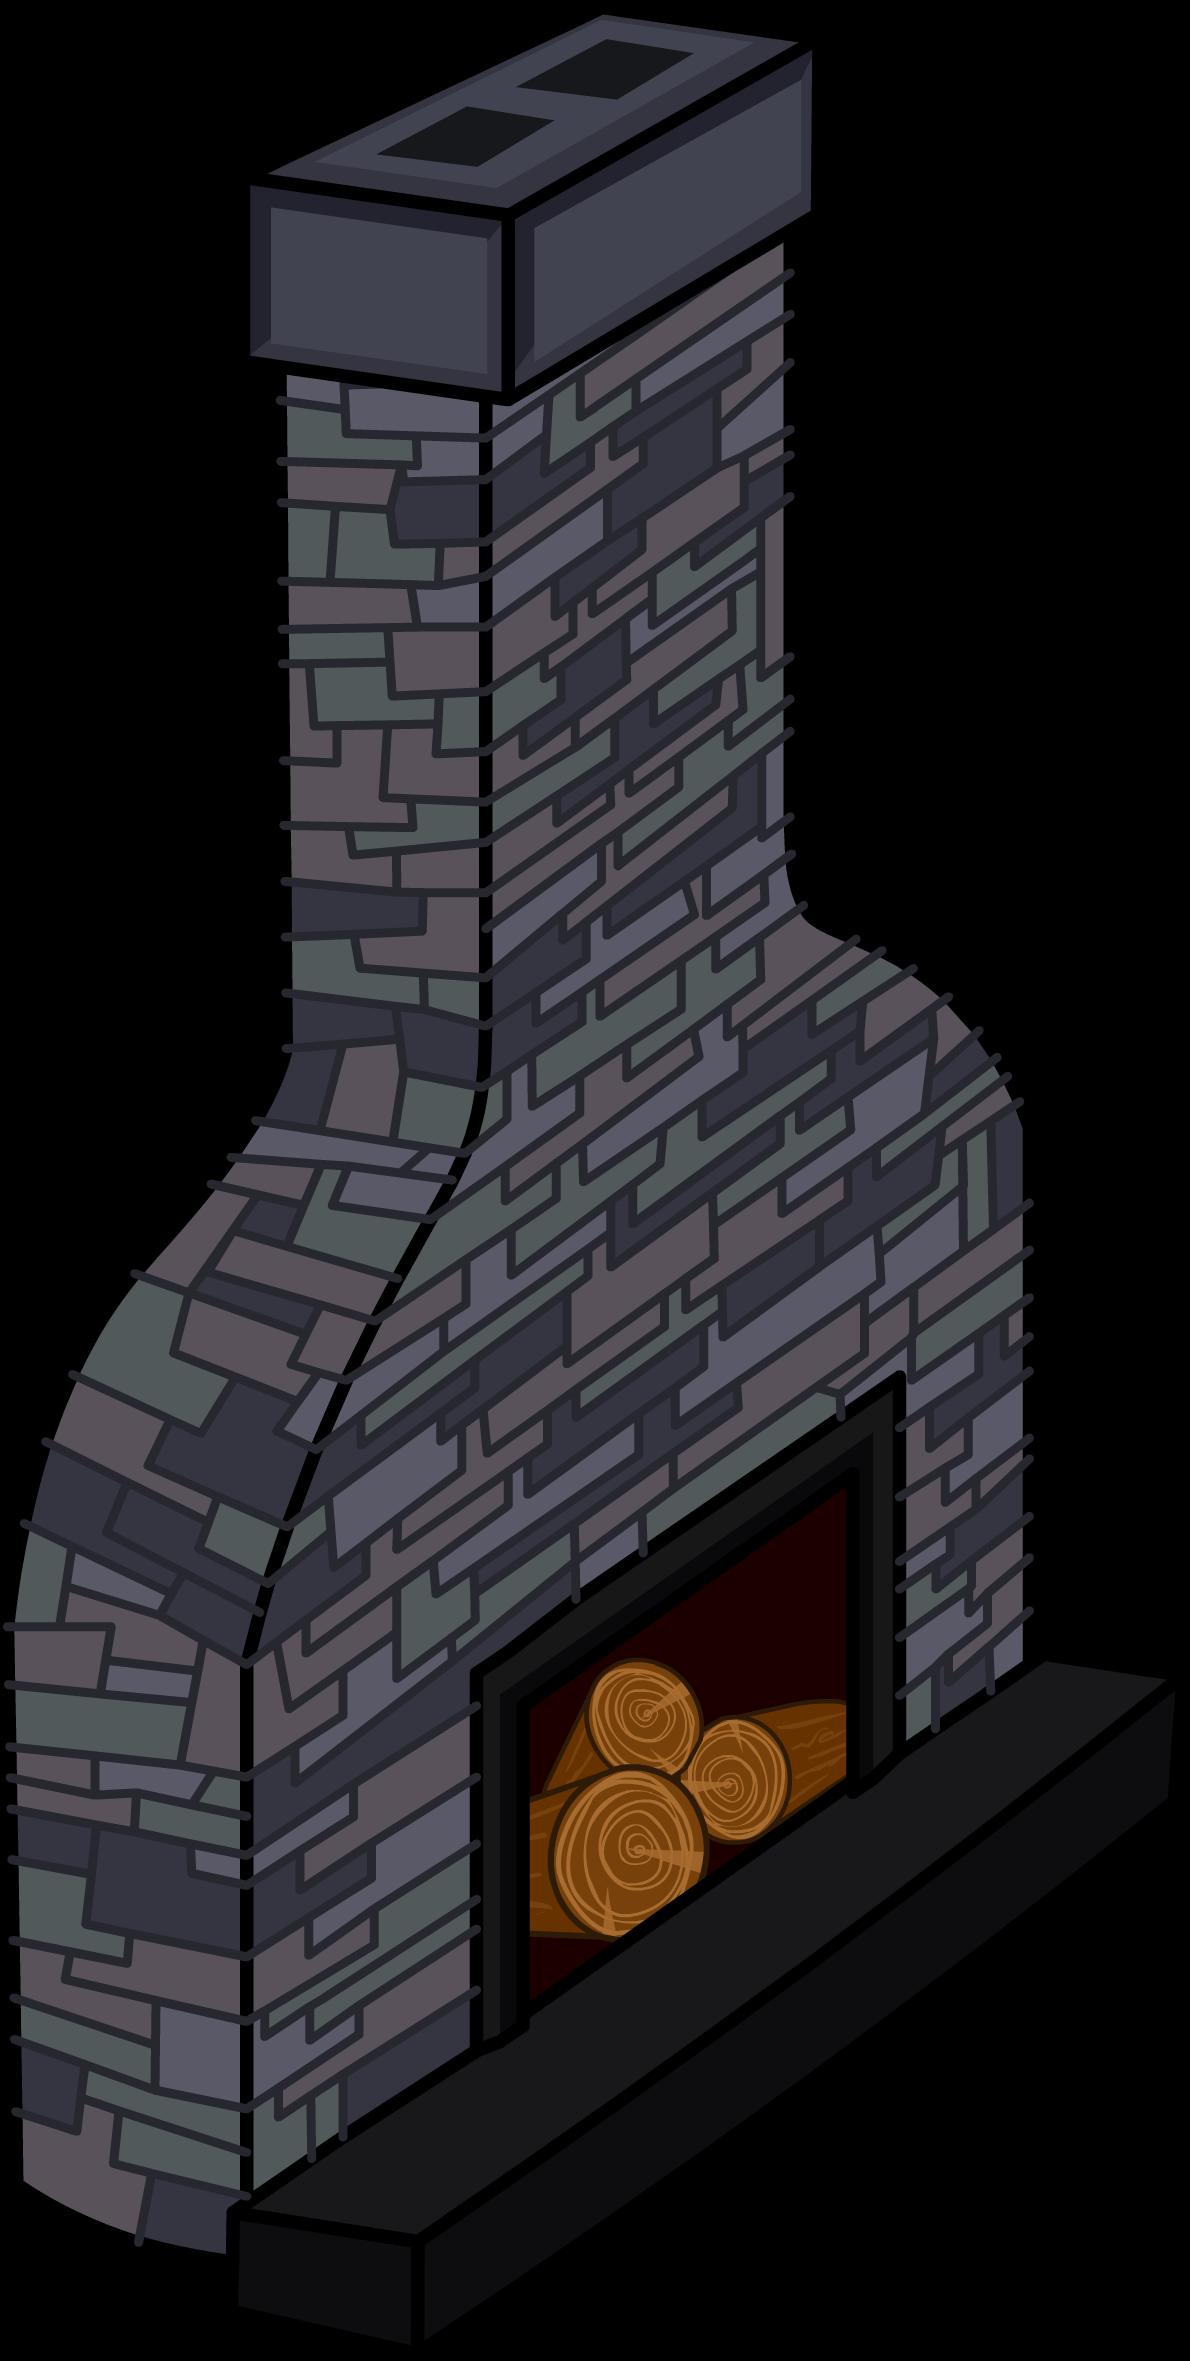 cozy fireplace club penguin wiki fandom powered by wikia